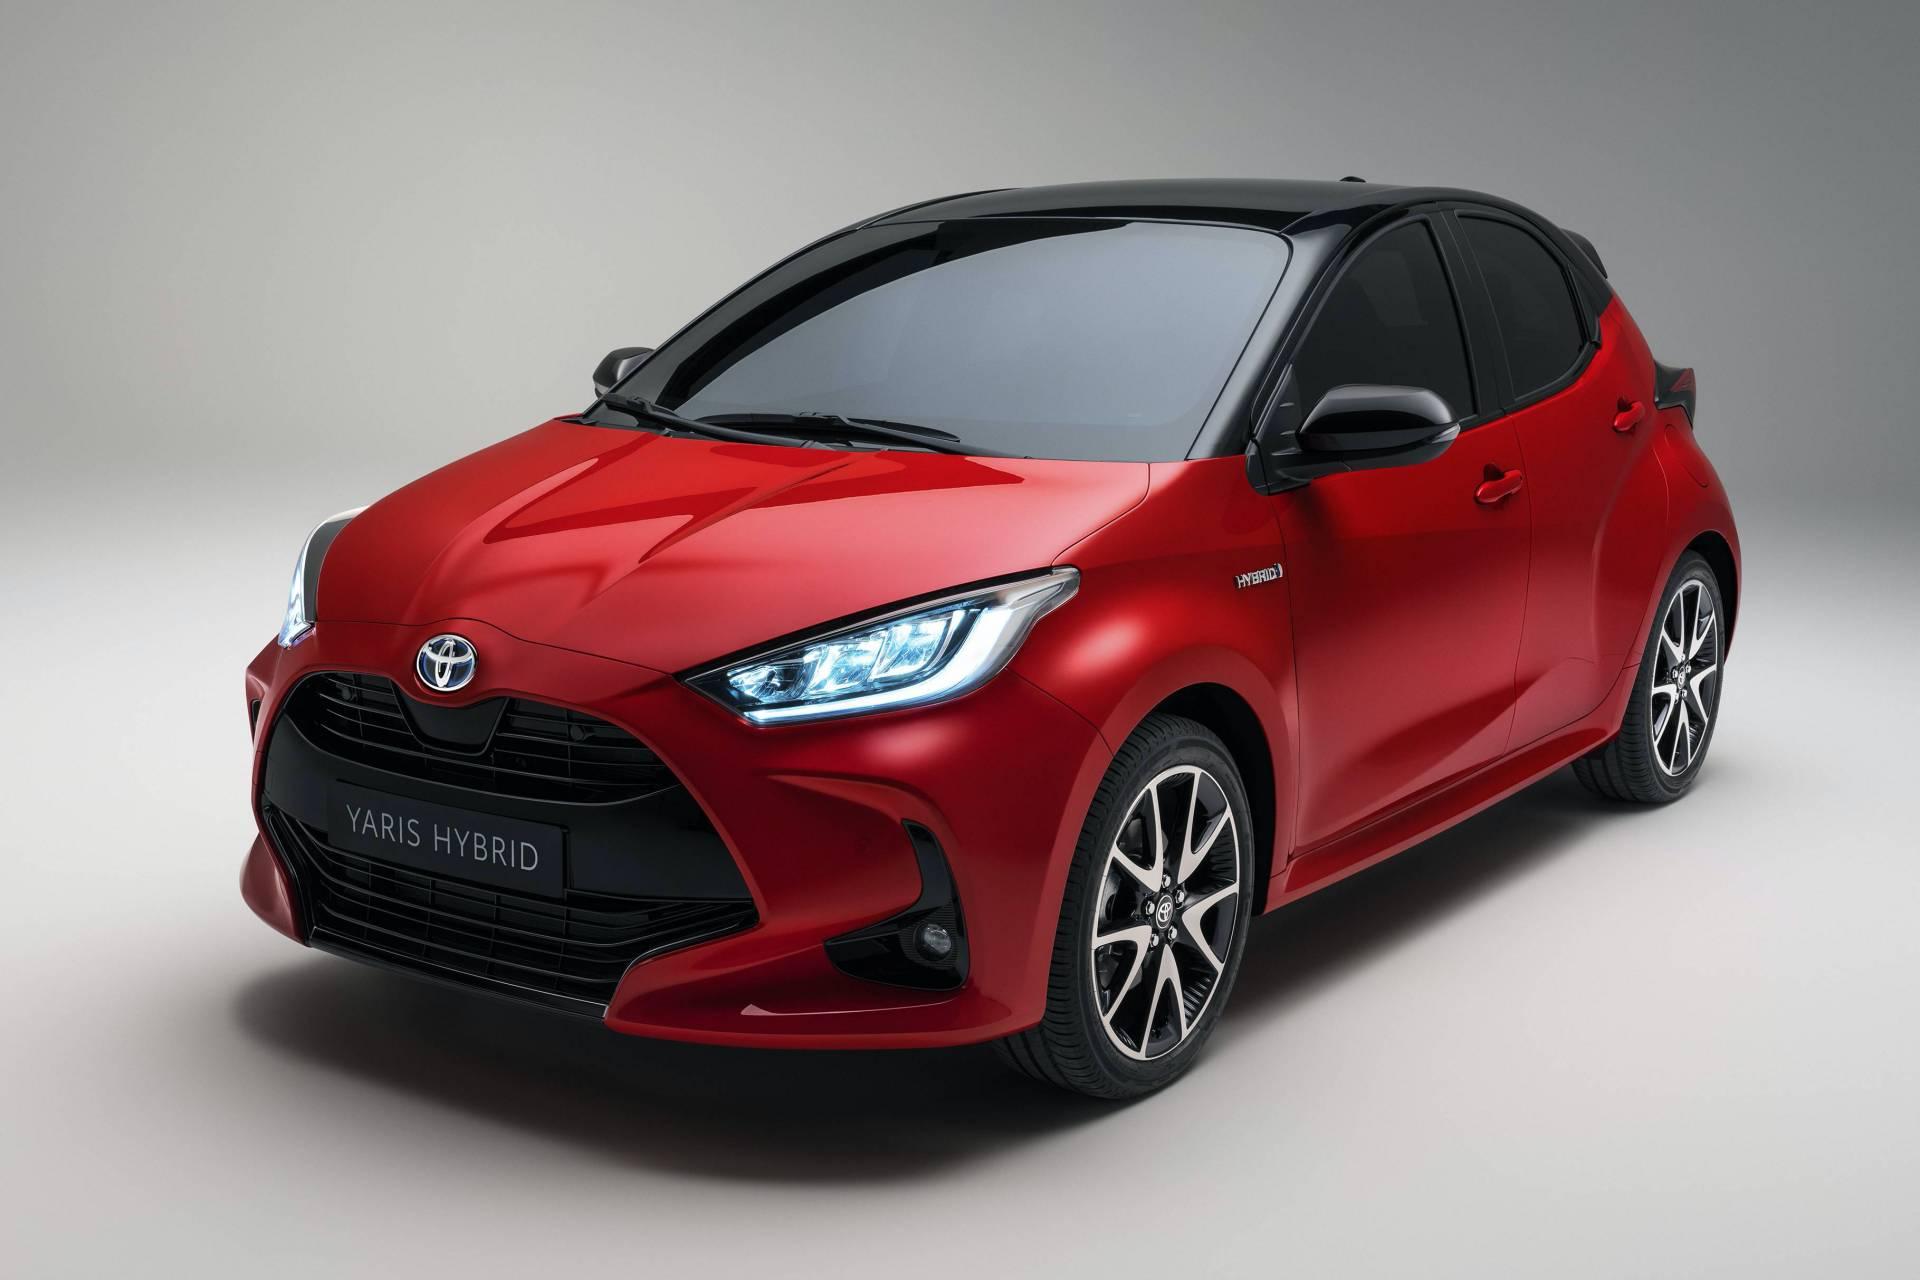 Kelebihan Mobil Yaris 2019 Murah Berkualitas